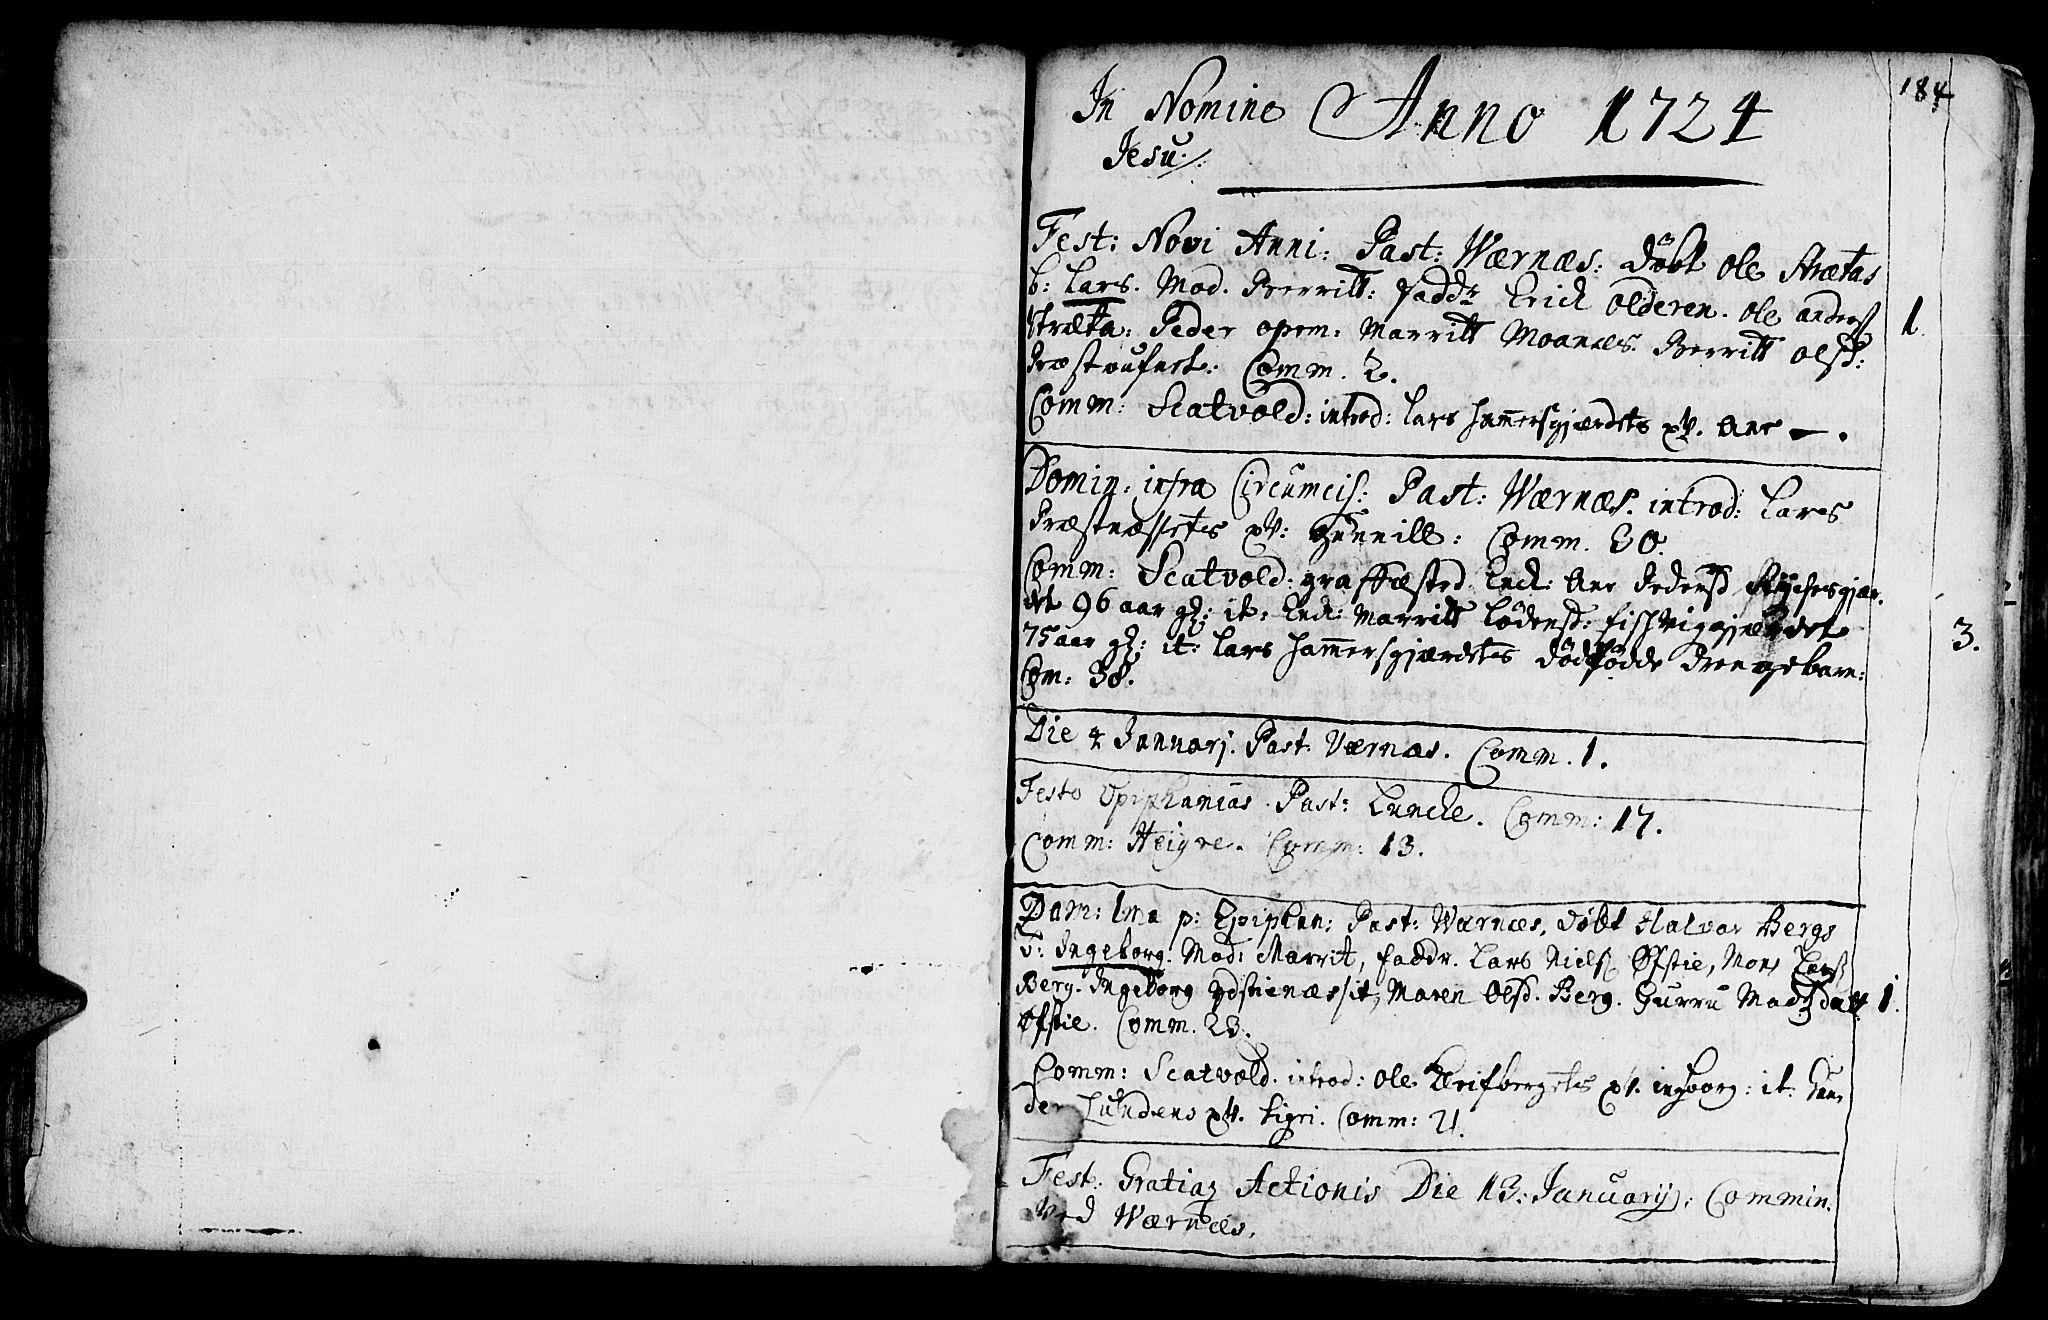 SAT, Ministerialprotokoller, klokkerbøker og fødselsregistre - Nord-Trøndelag, 709/L0054: Ministerialbok nr. 709A02, 1714-1738, s. 183-184